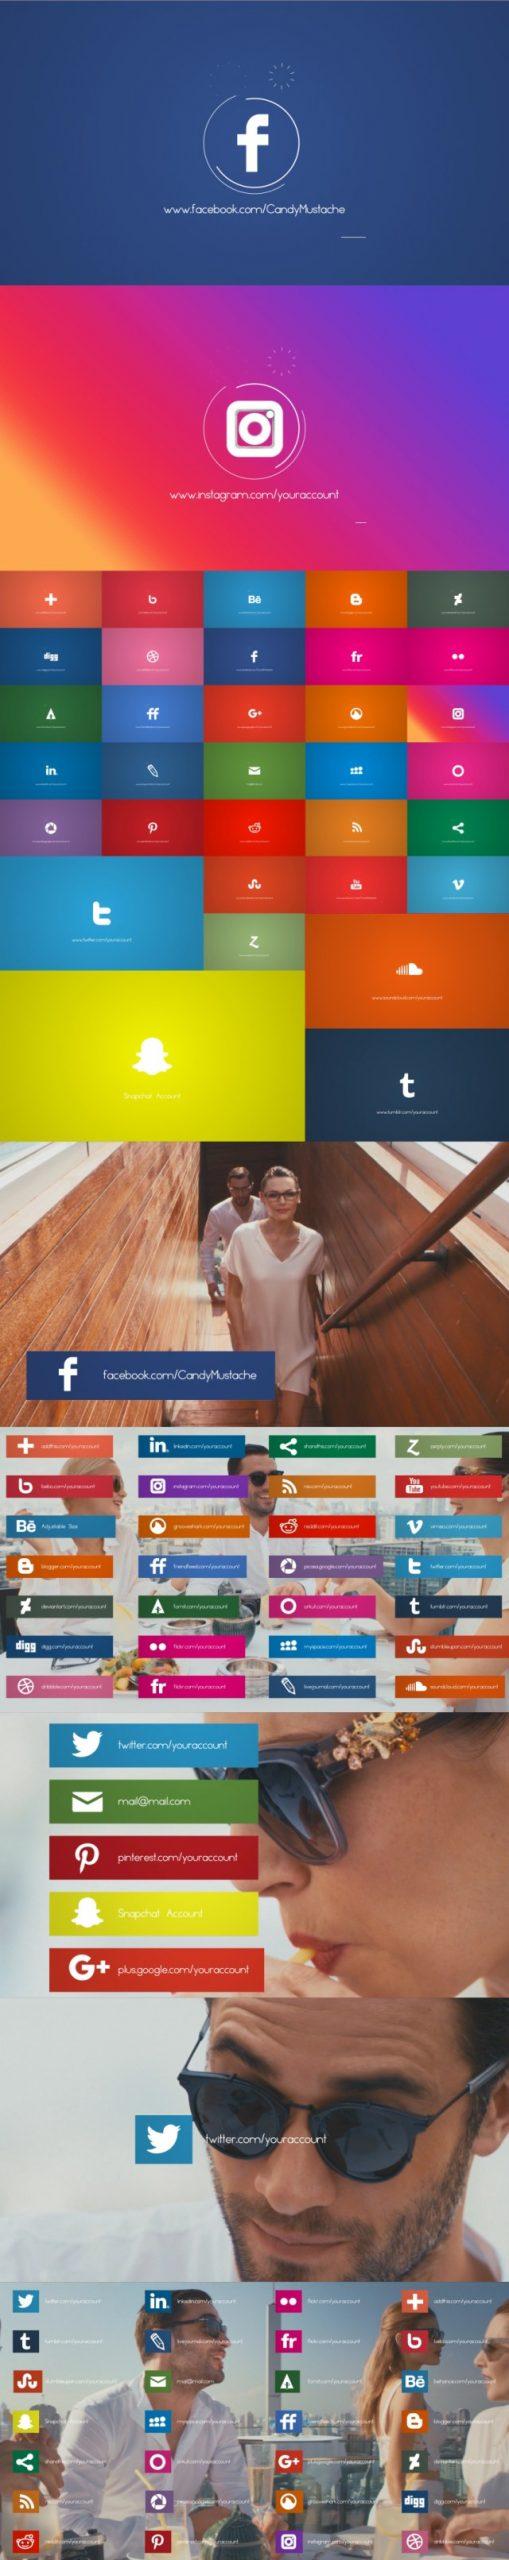 پروژه آماده پریمیر شبکه های اجتماعی